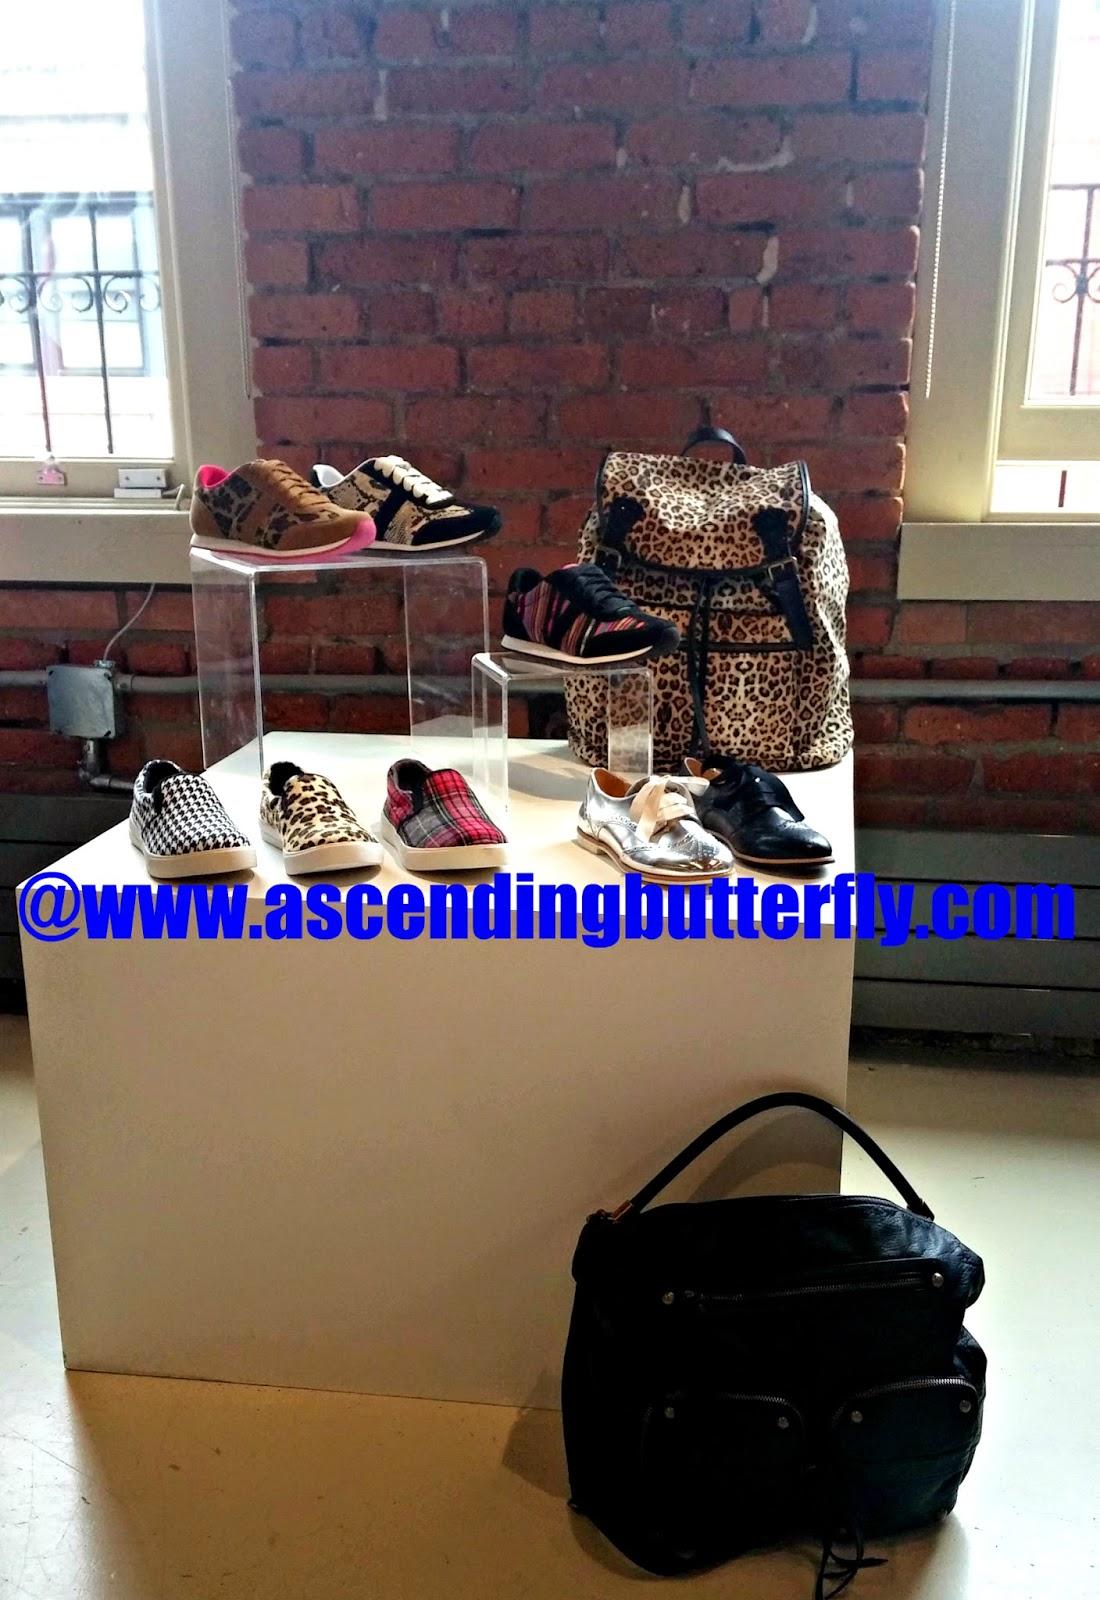 urban footwear looks and animal print backpack